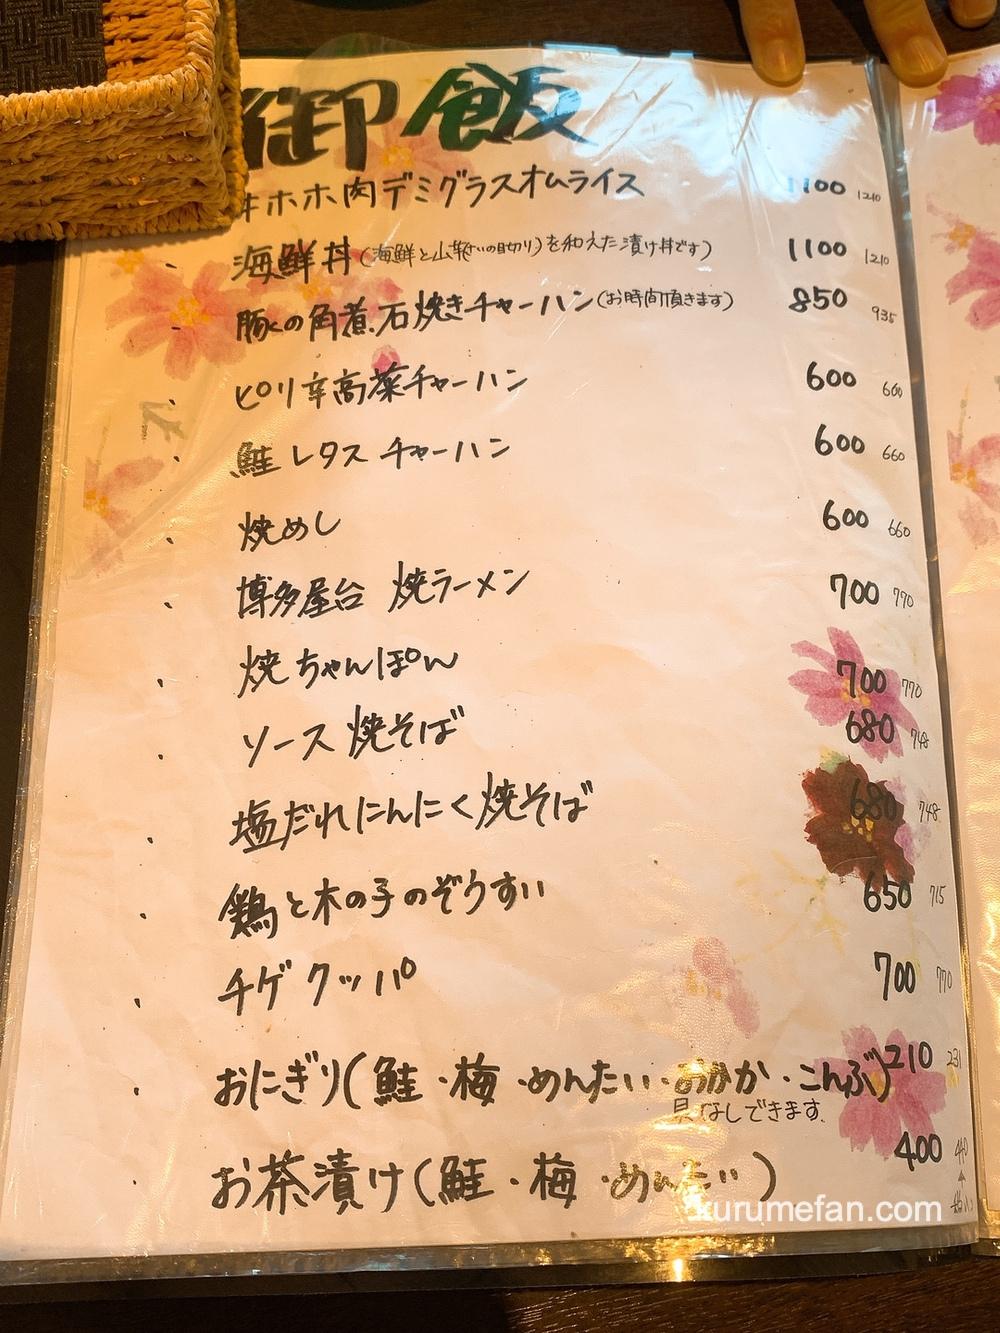 創作食道 花緑(かろく)御飯メニュー表【久留米市北野町】